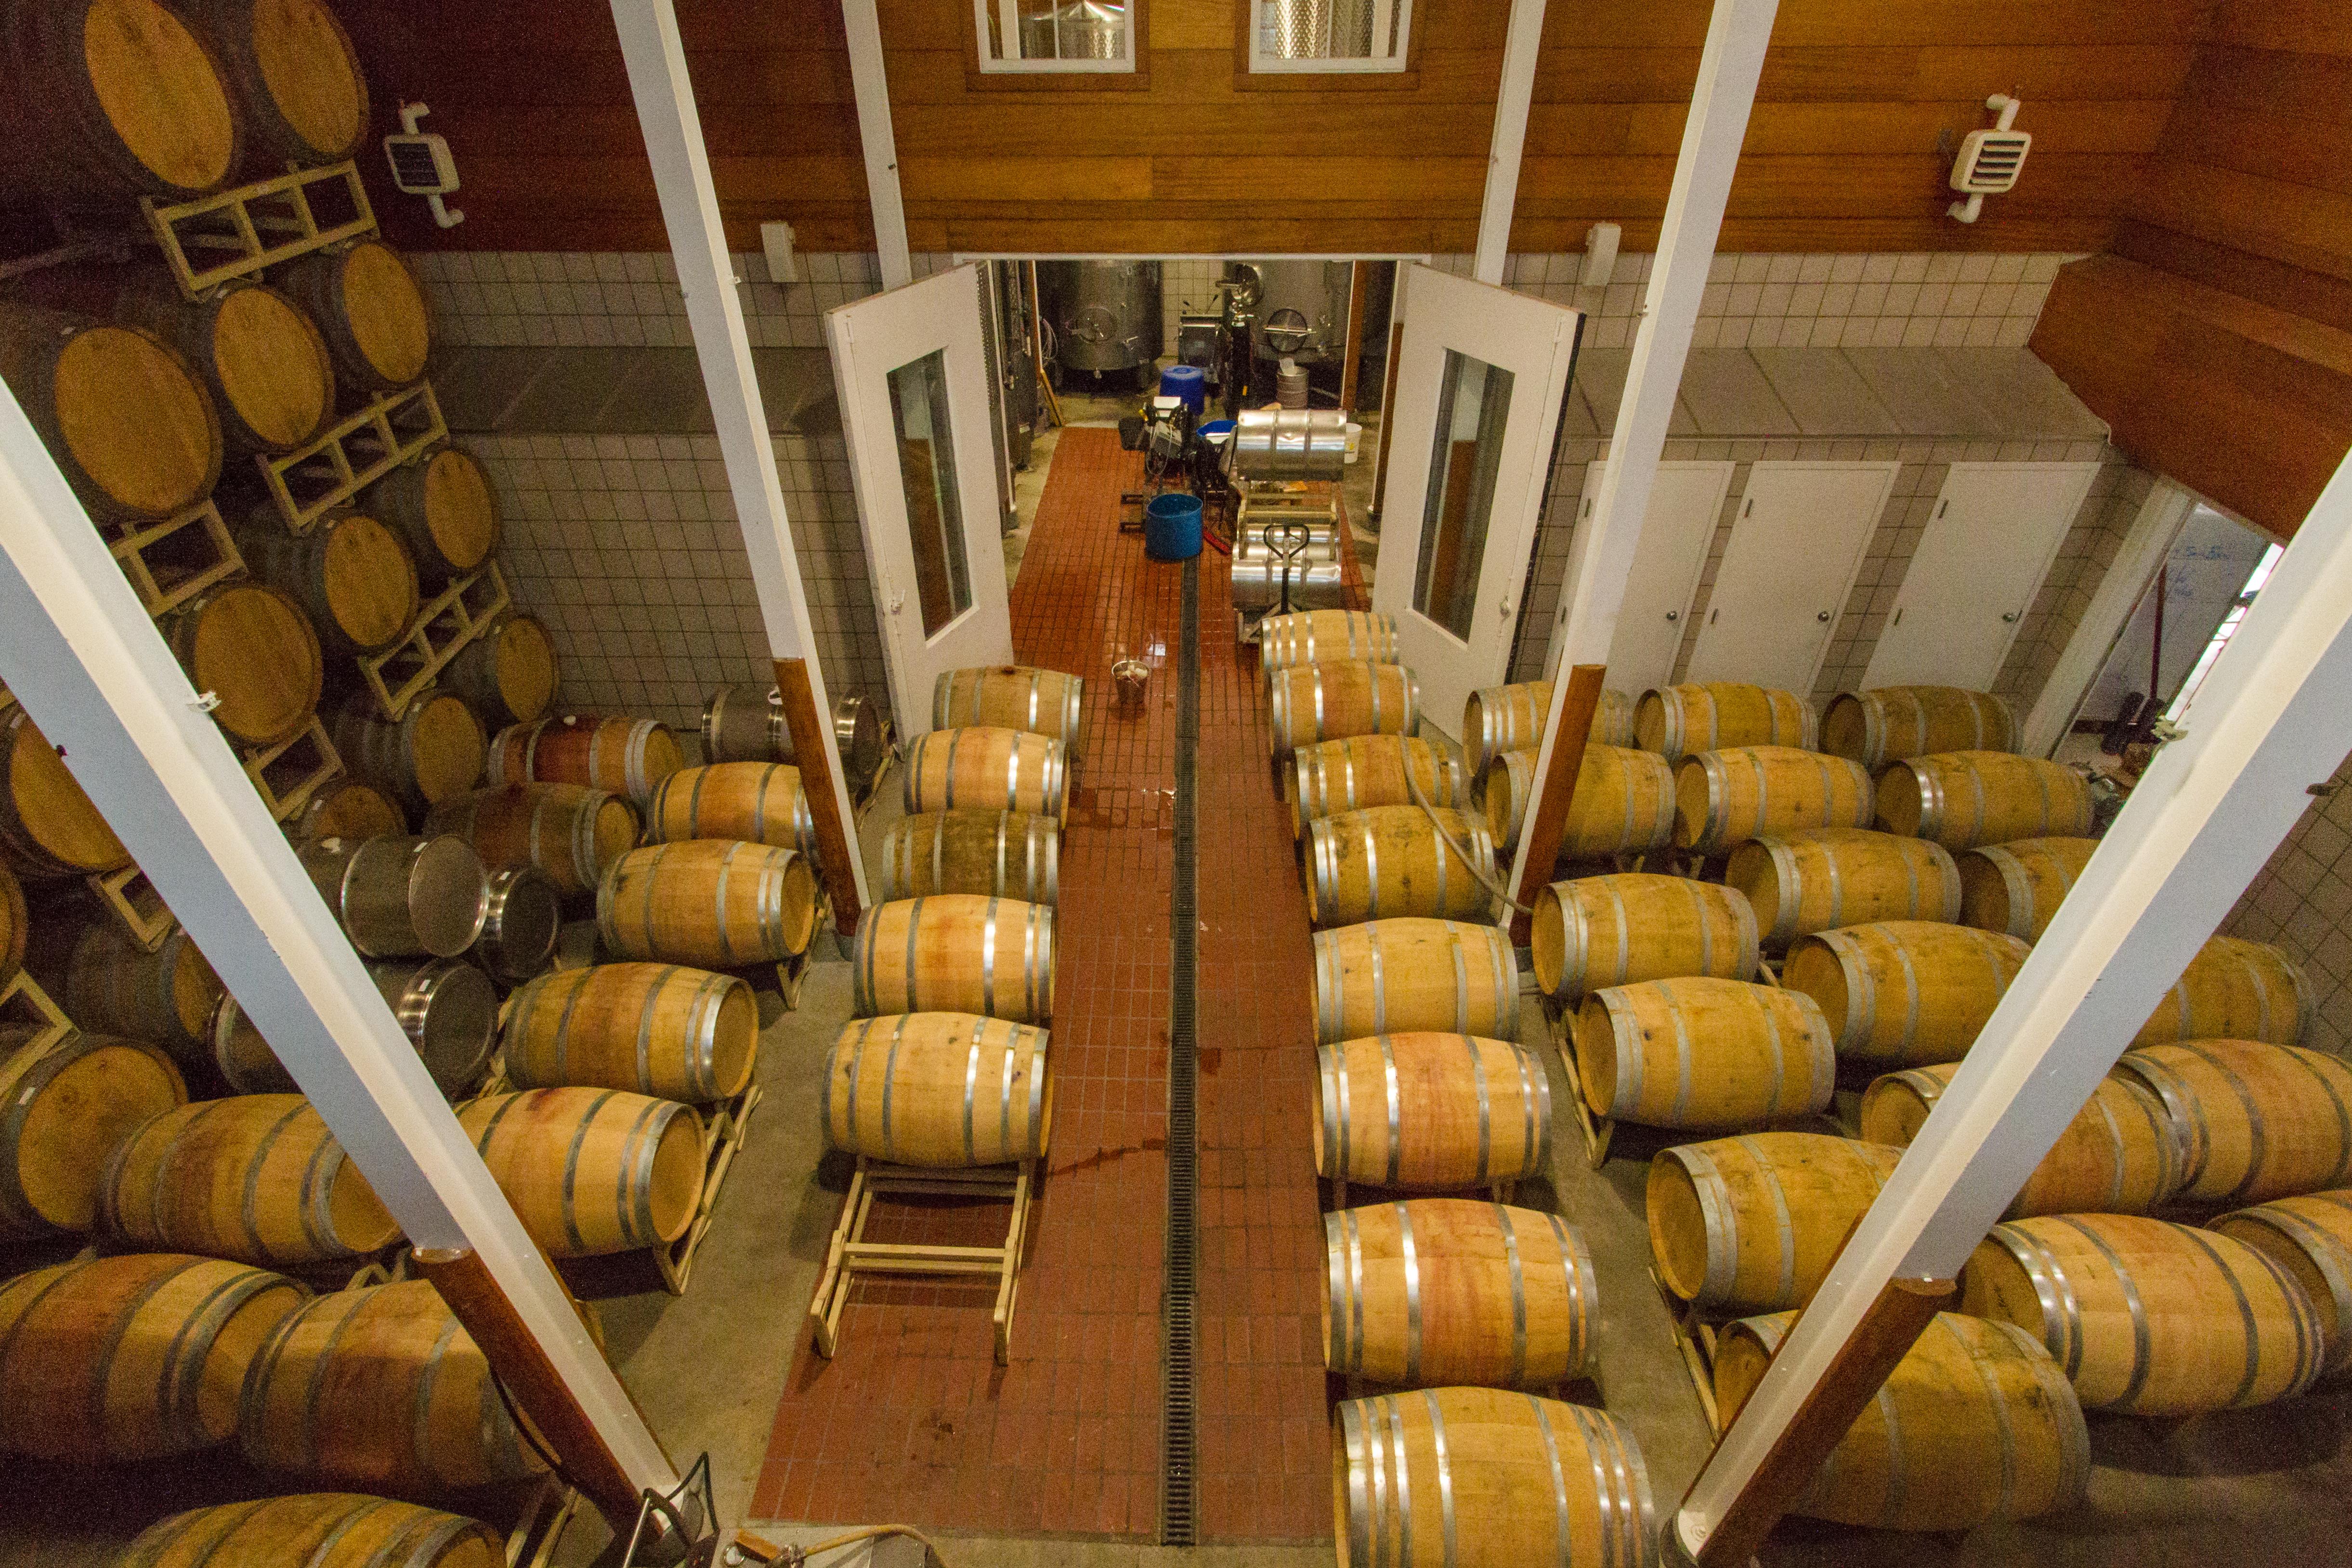 Barrel Room at Jonathan Edwards Winery